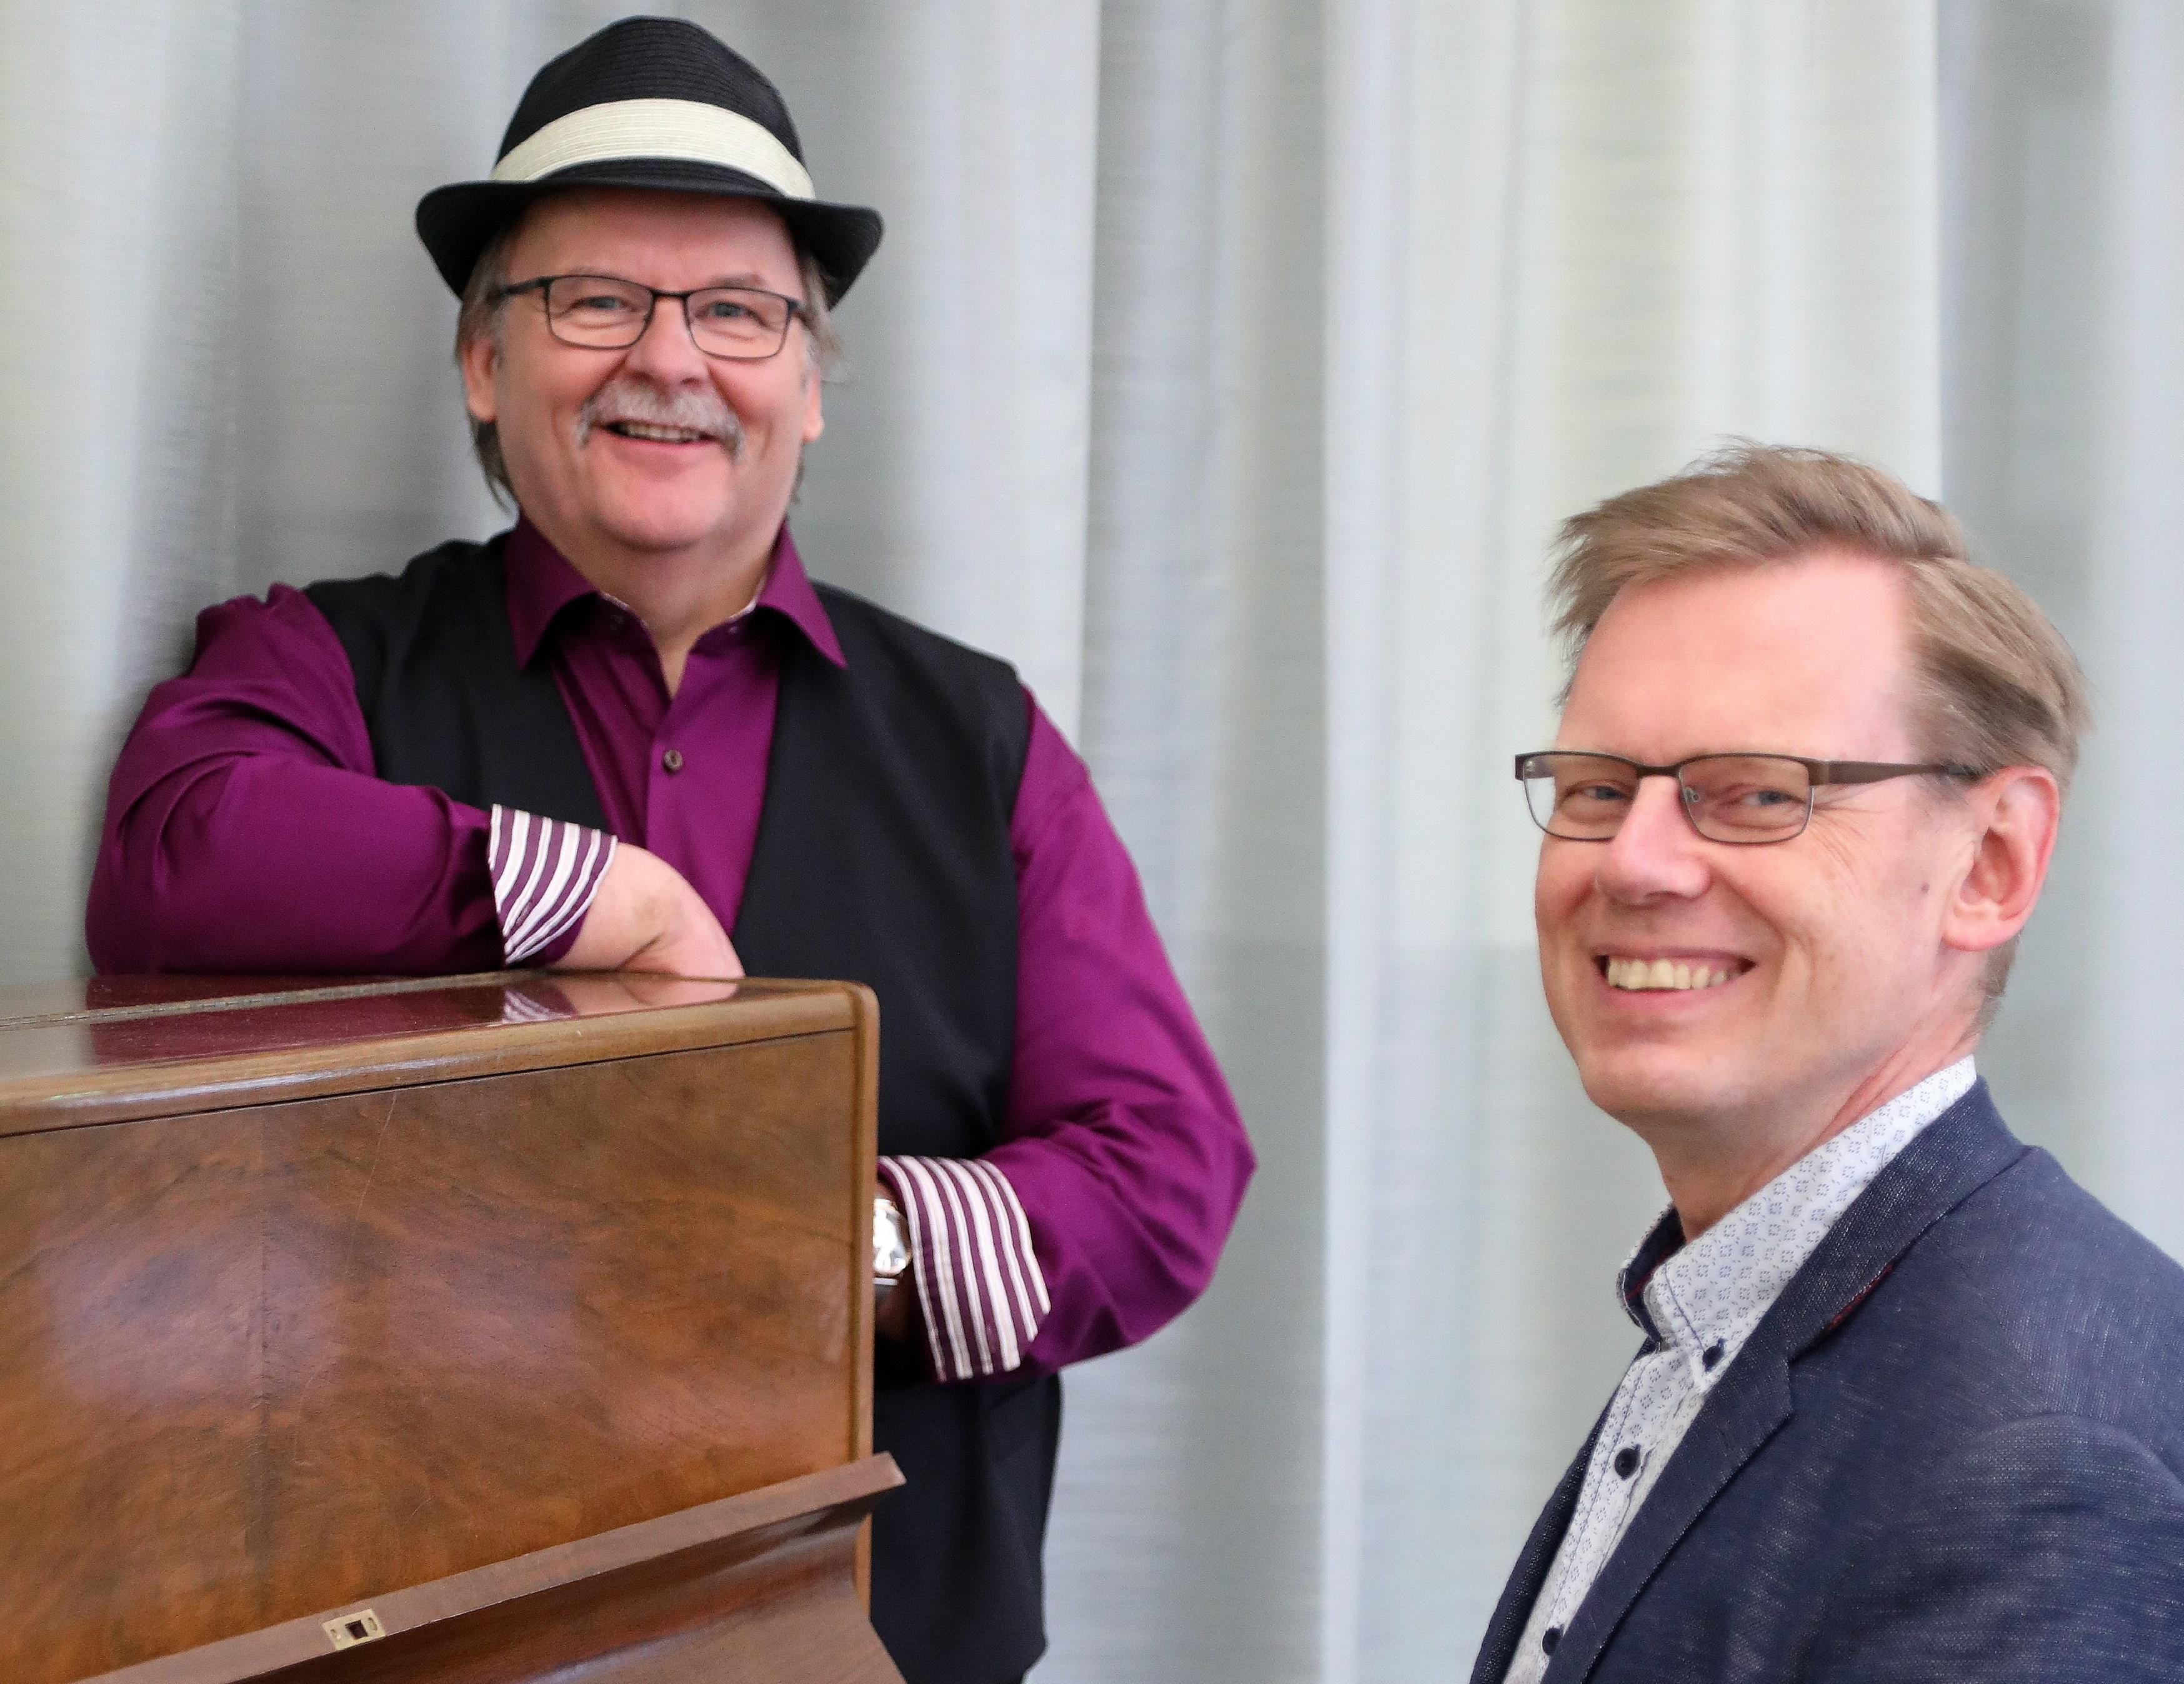 Verkkotapahtuma: #21 Yhteislaulut kotona, laulattajina Martti Kuurila ja Jussi Tamminen